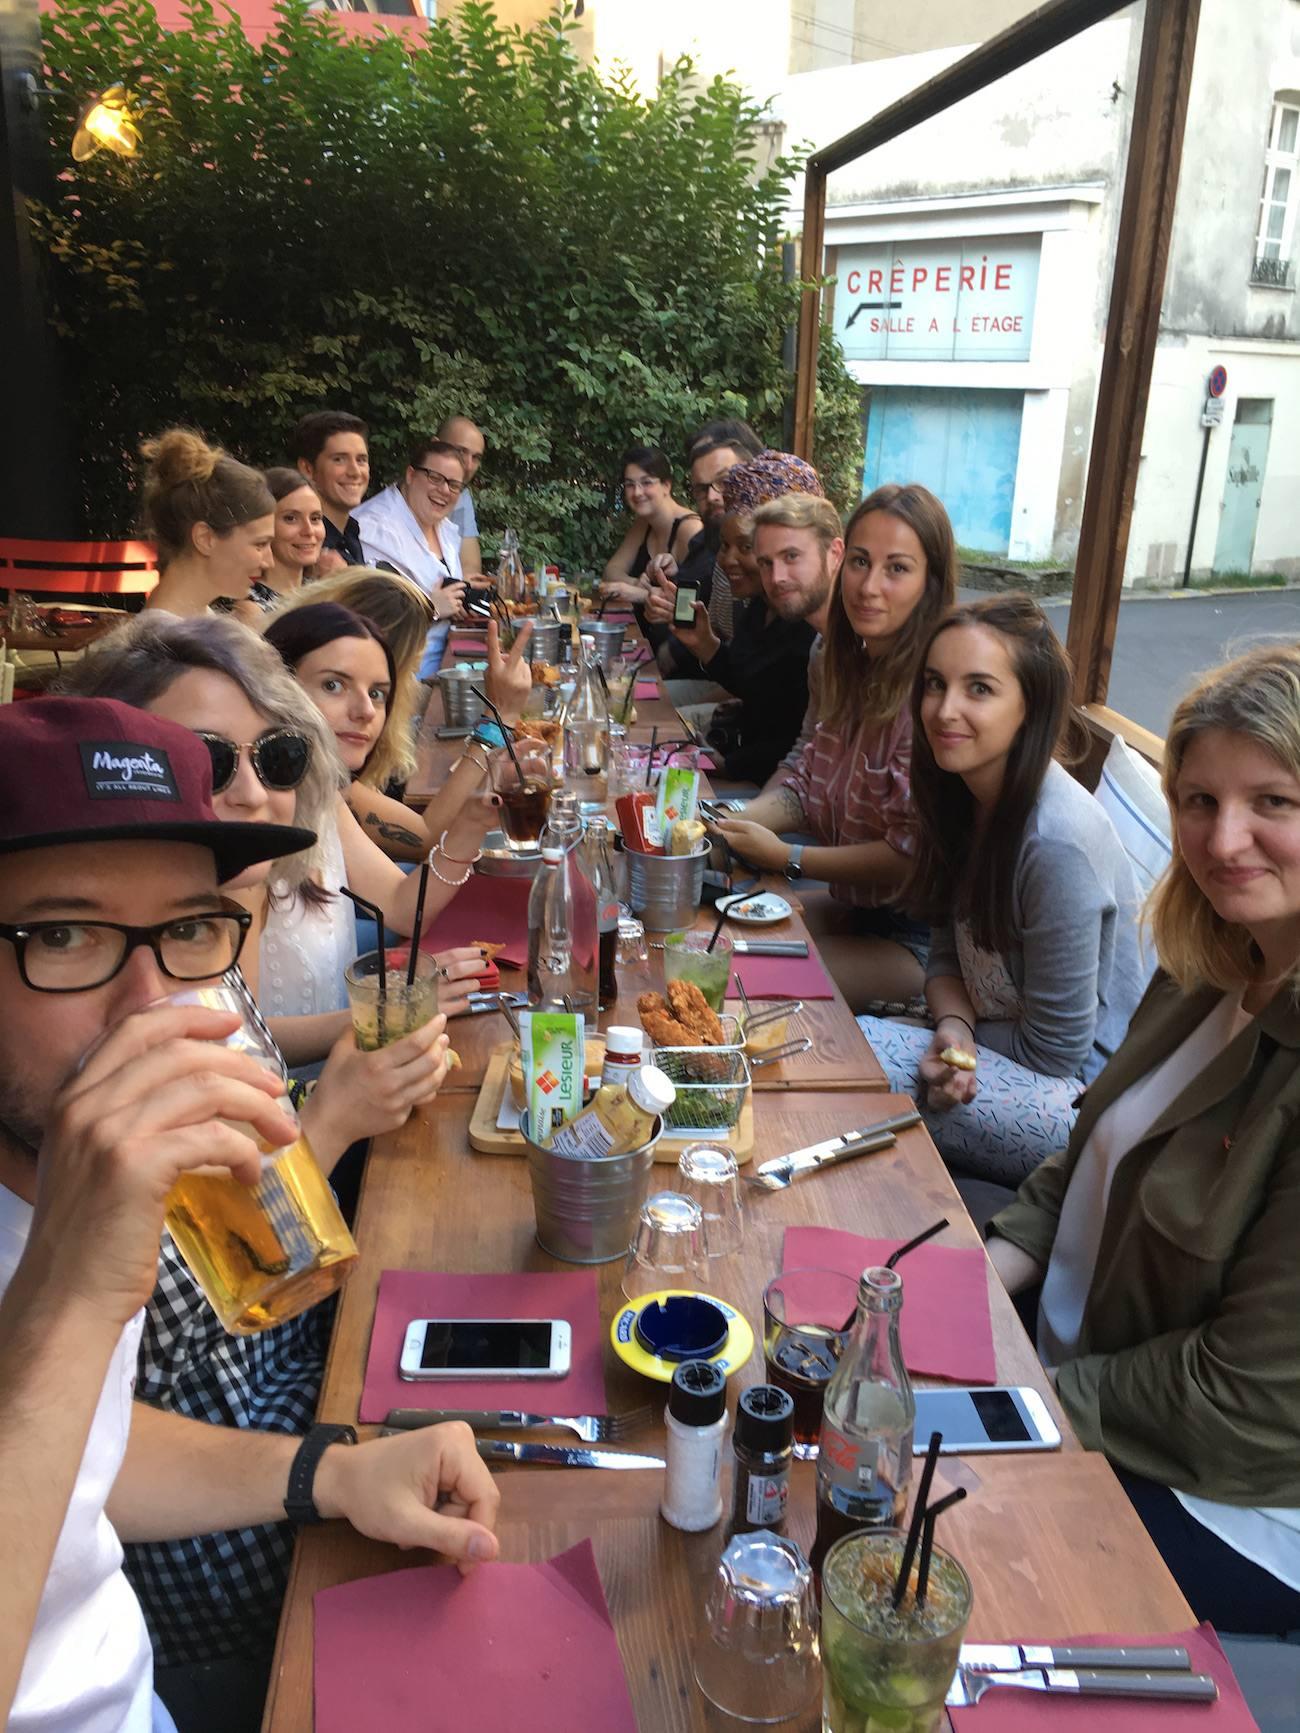 Les fils à maman Nantes - team blogueurs - Blog Nolwenn C